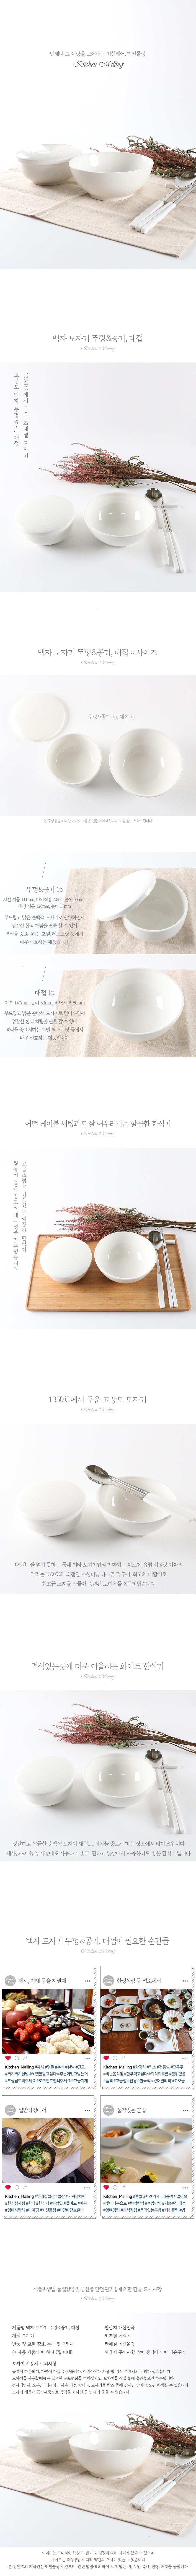 백자 제사 뚜껑밥그릇 대접 - 키친몰링, 6,400원, 밥공기/국공기, 밥공기